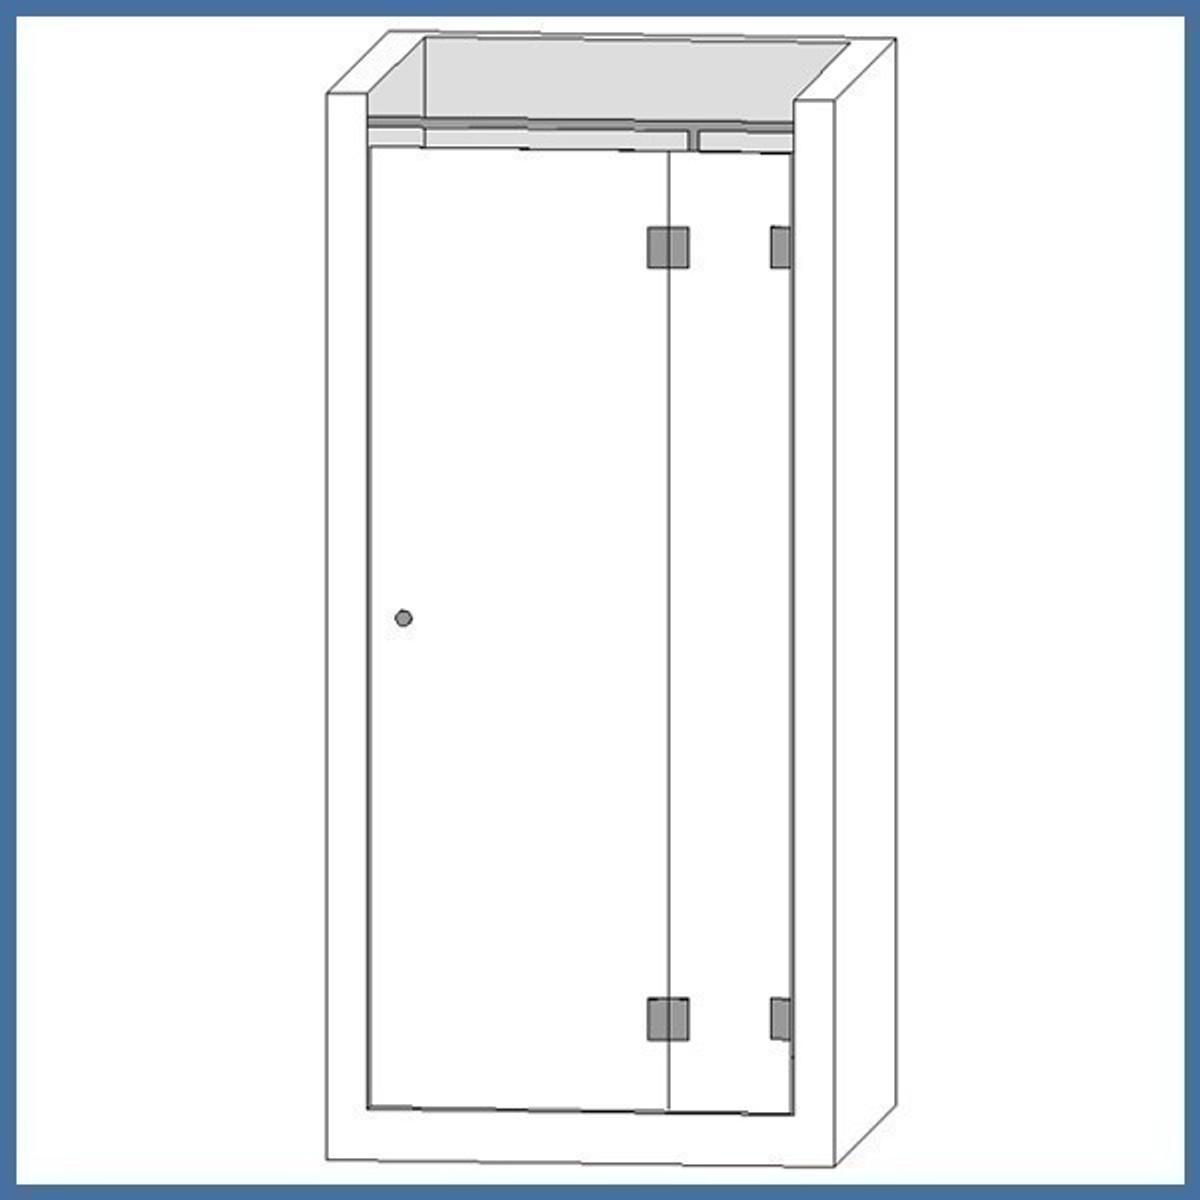 """Nischen-Dusche """"De Luxe"""", 2000 x 715-720mm (550/150) bis 1305-1310mm (1000/290), Slim Line, Chrom"""